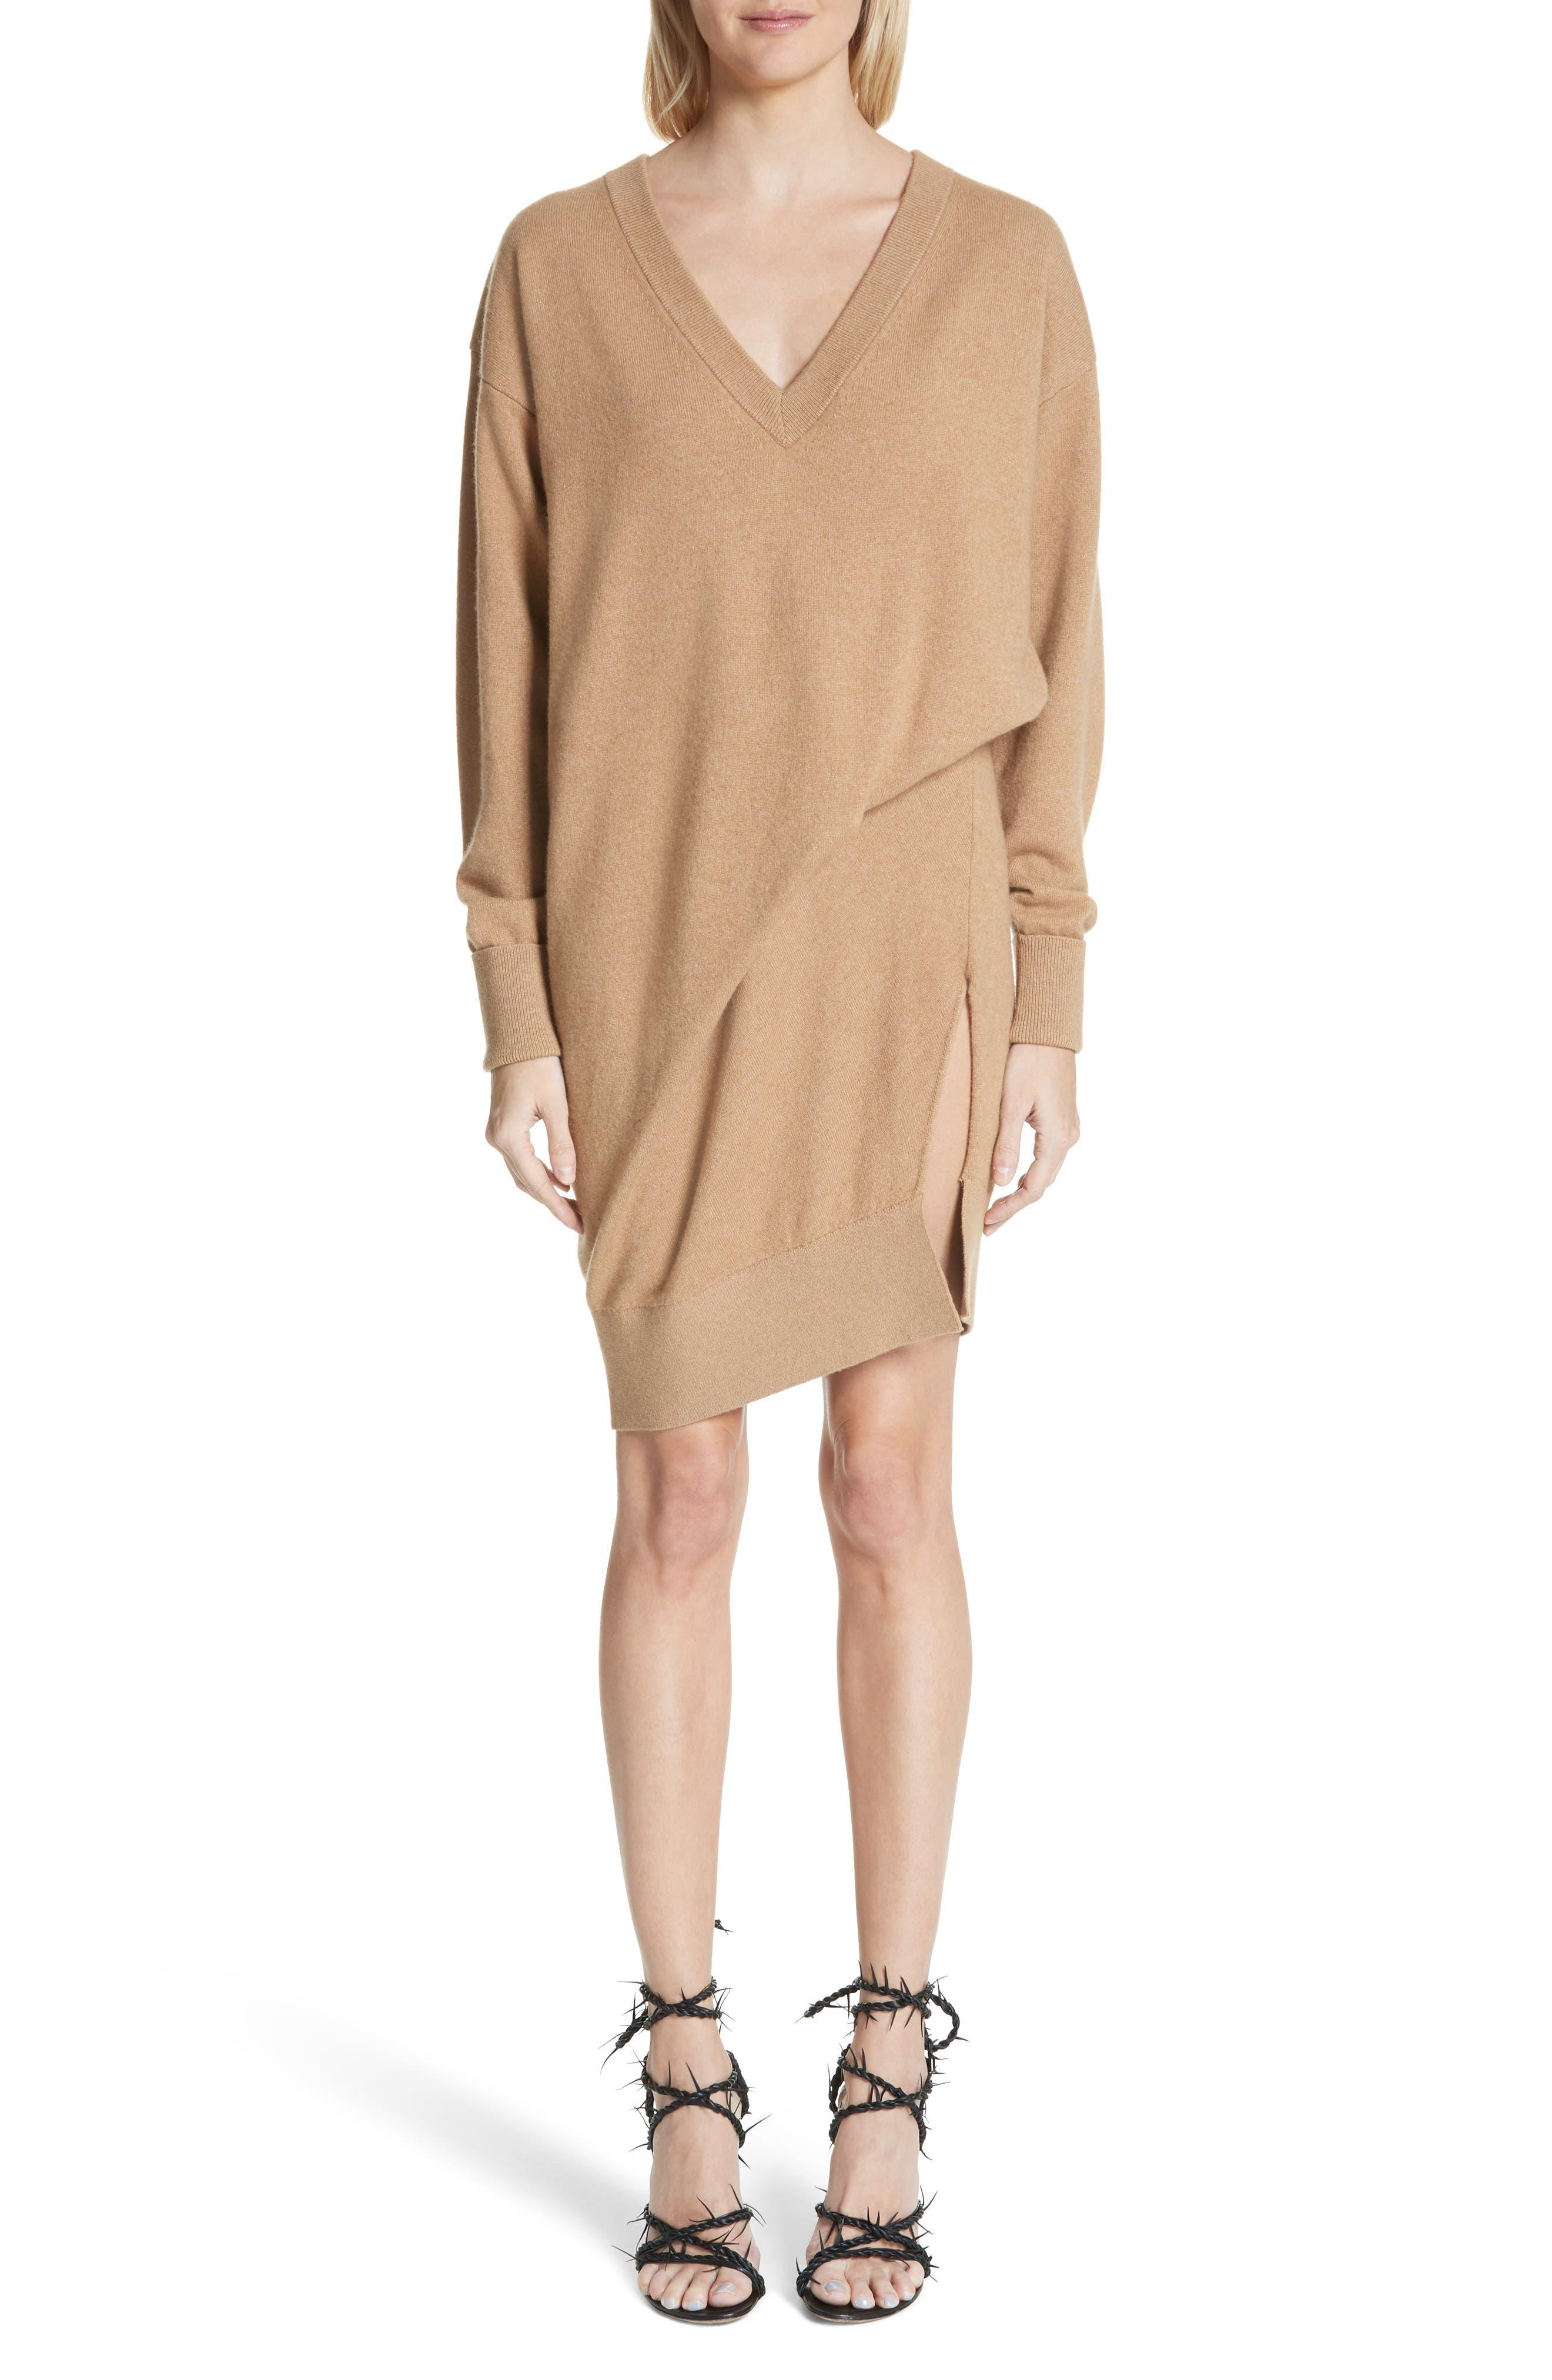 Alexander Wang Asymmetrical Wool & Cashmere Blend Sweater Dress